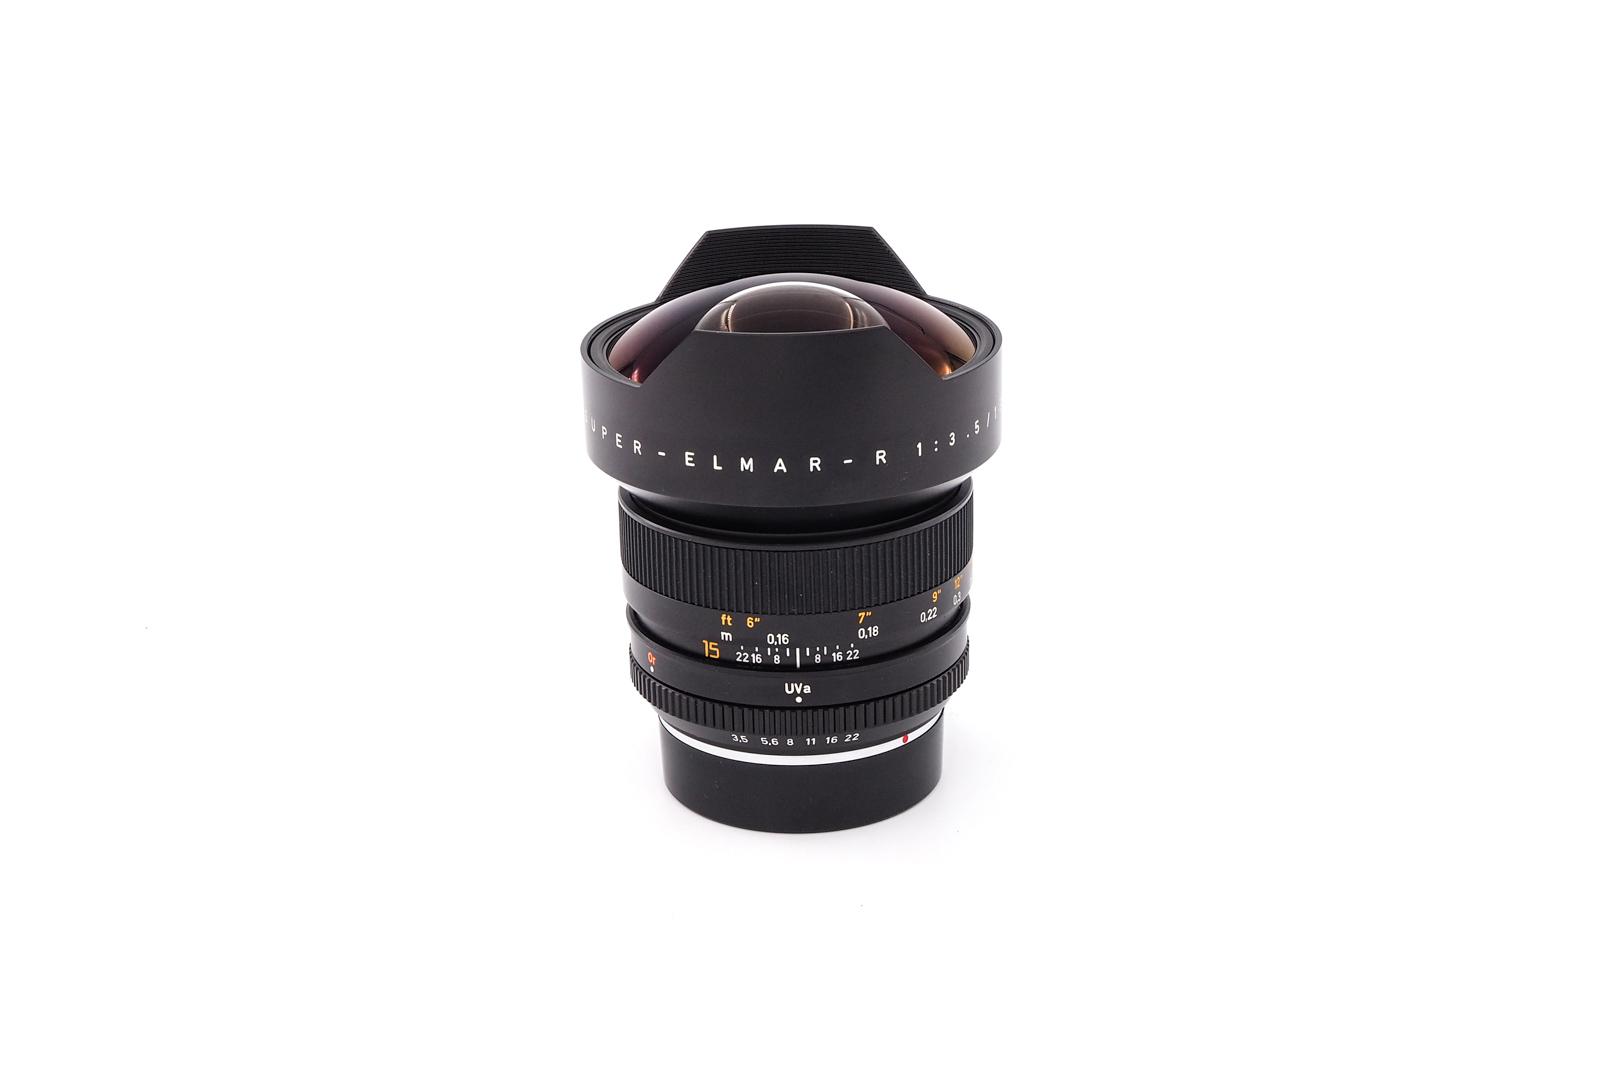 Leica Super-Elmar-R 1:3.5/15mm